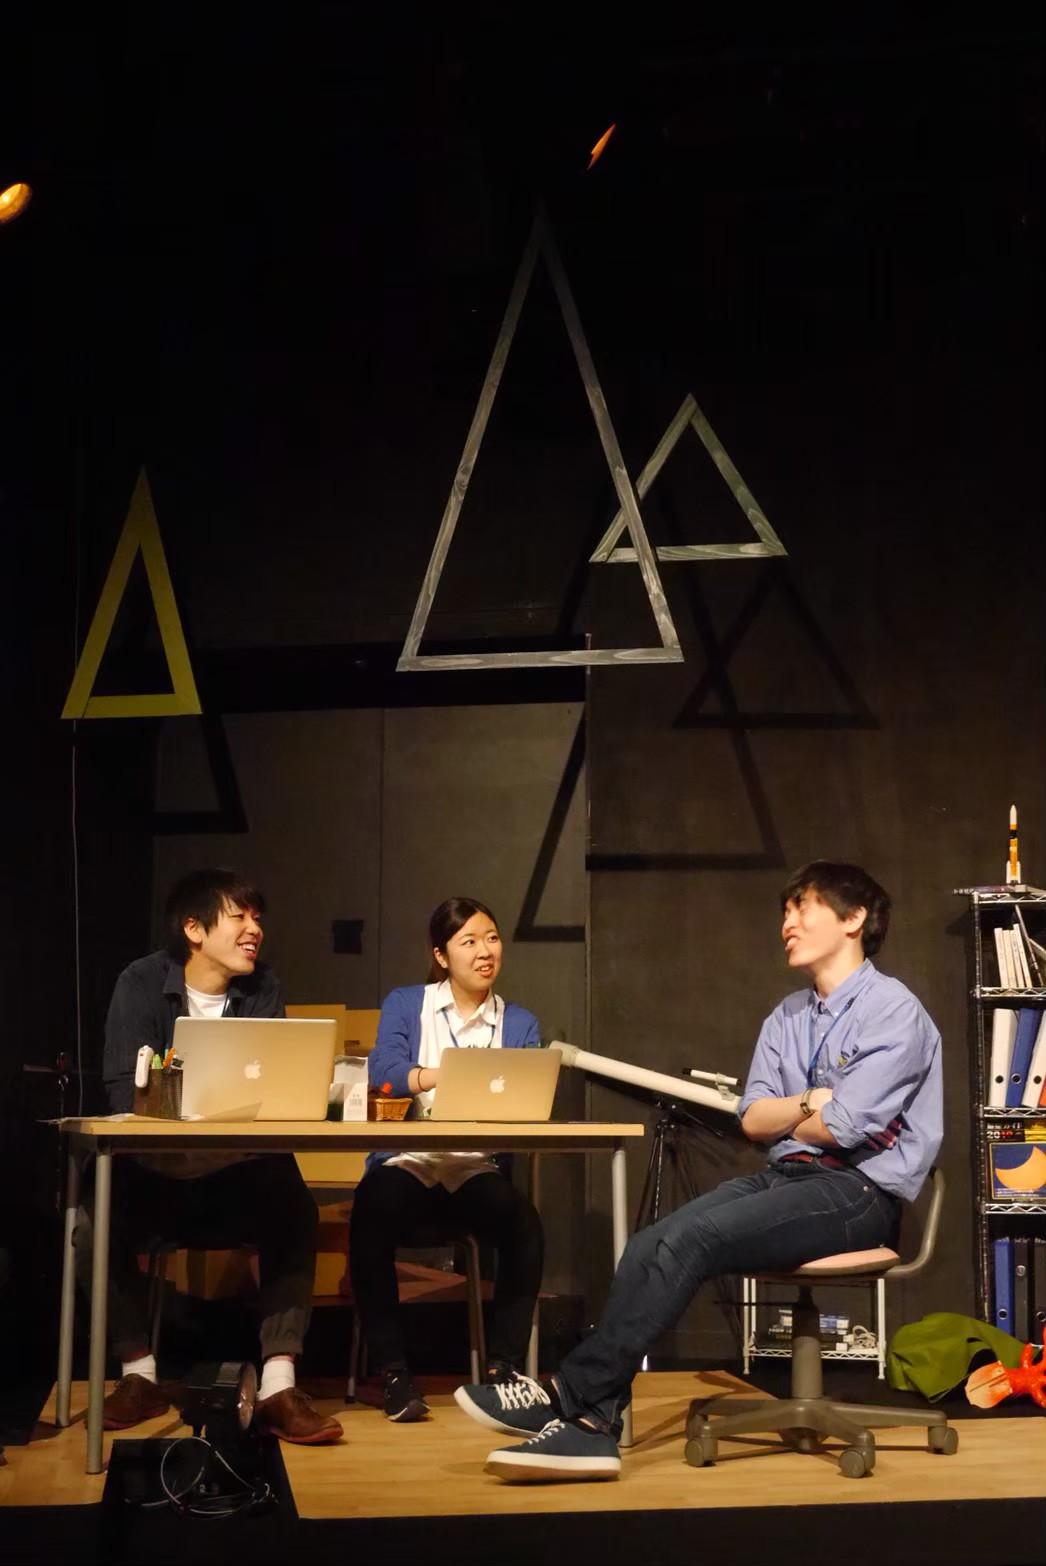 劇団スポーツ『すごくうるさい山』舞台写真(撮影=本田百音)_0069